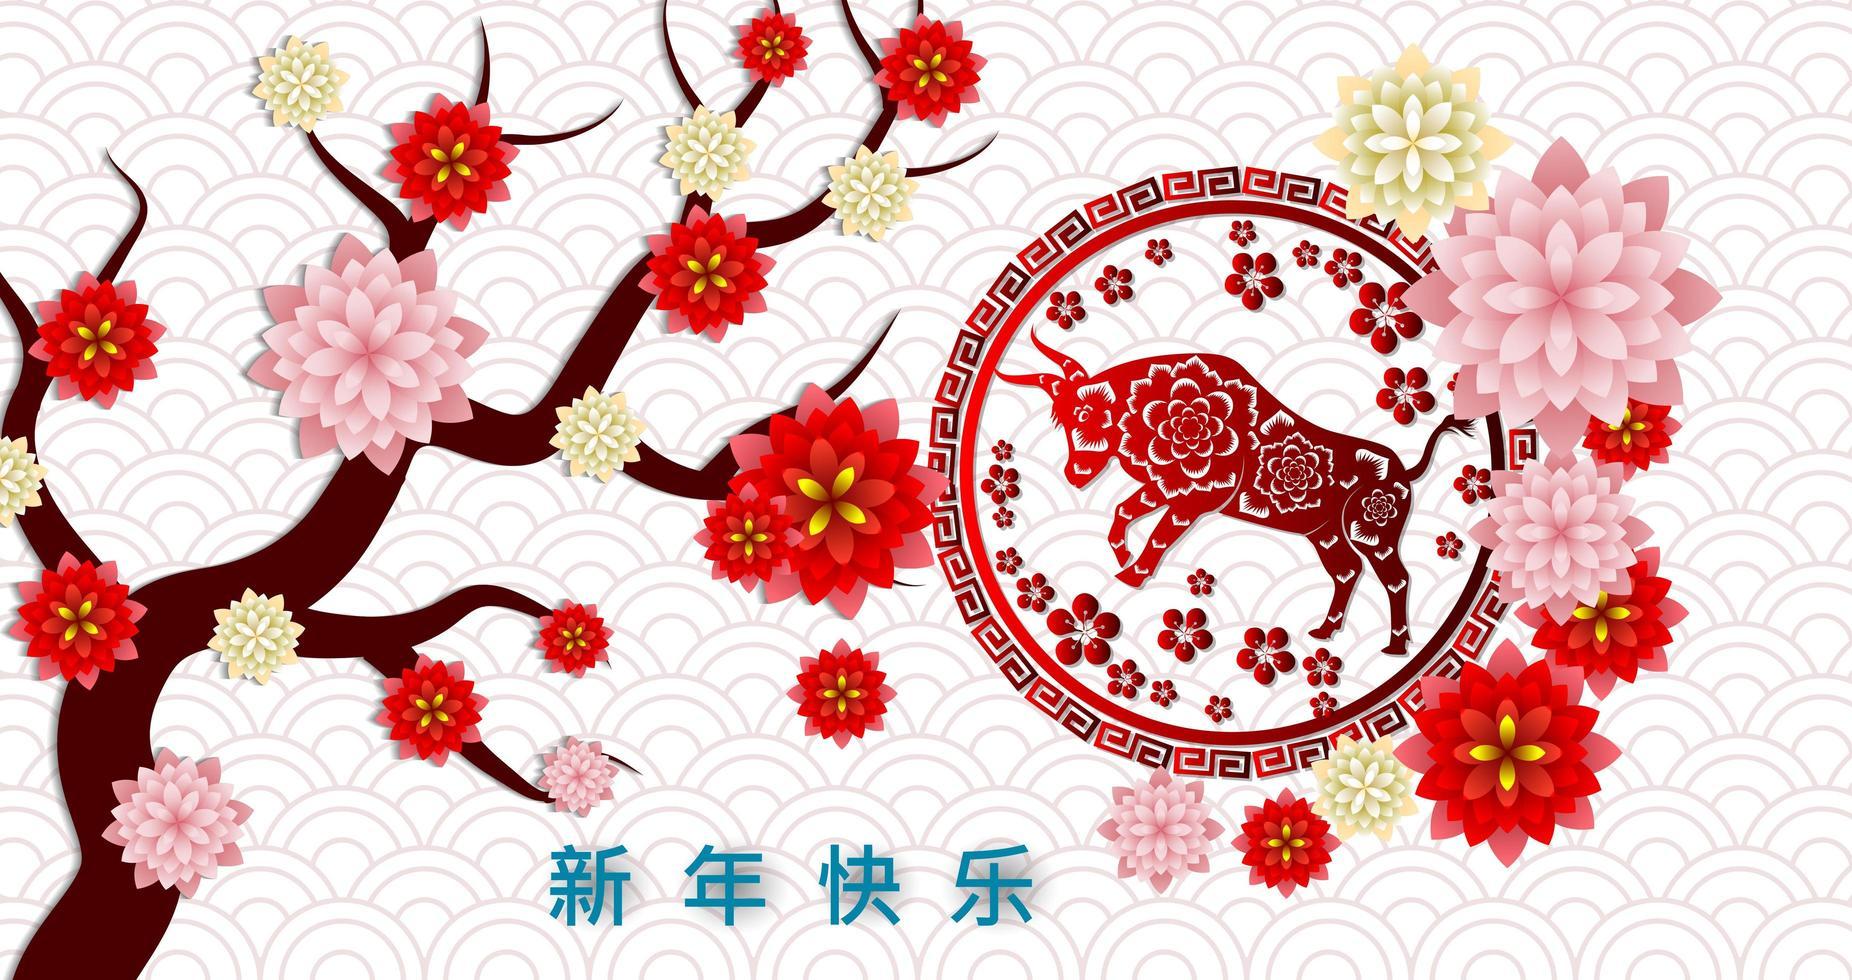 affiche du nouvel an chinois 2021 vecteur